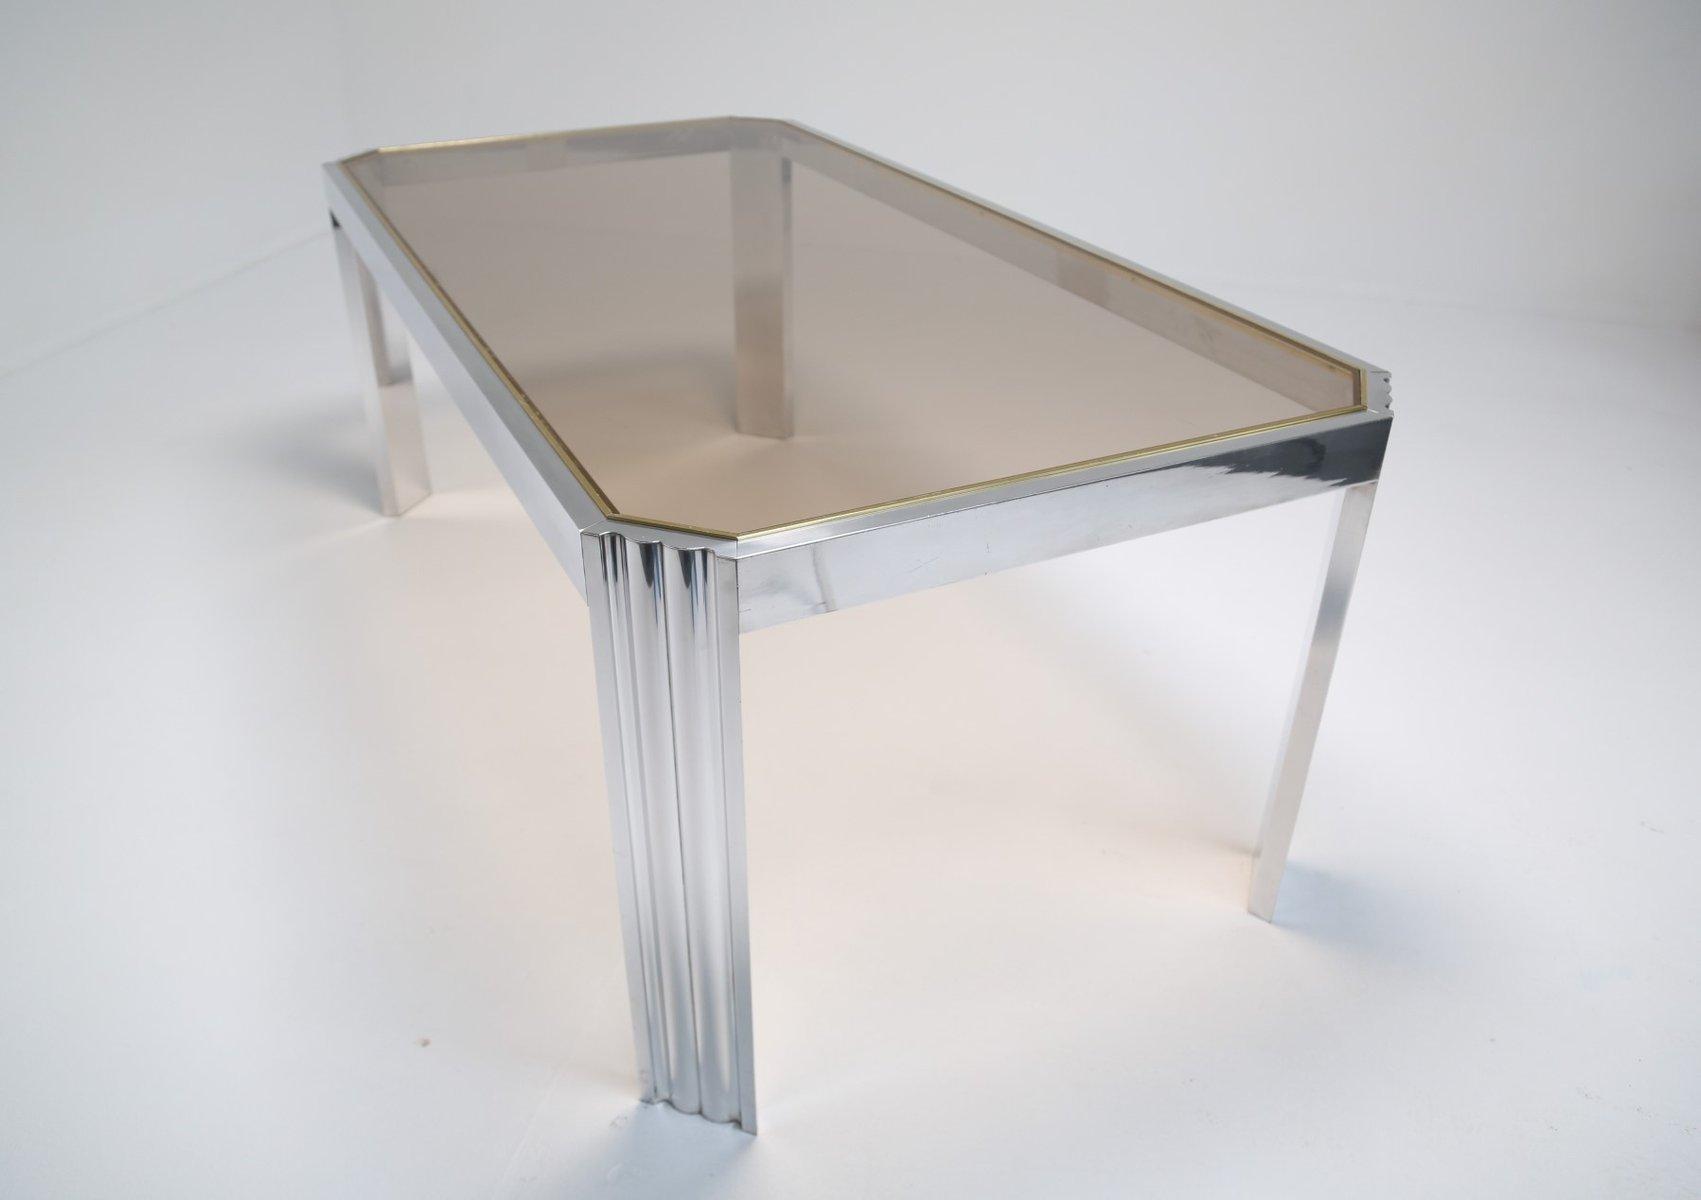 Mesa de comedor de aluminio y vidrio ahumado a os 70 en for Mesas de comedor de cristal y aluminio